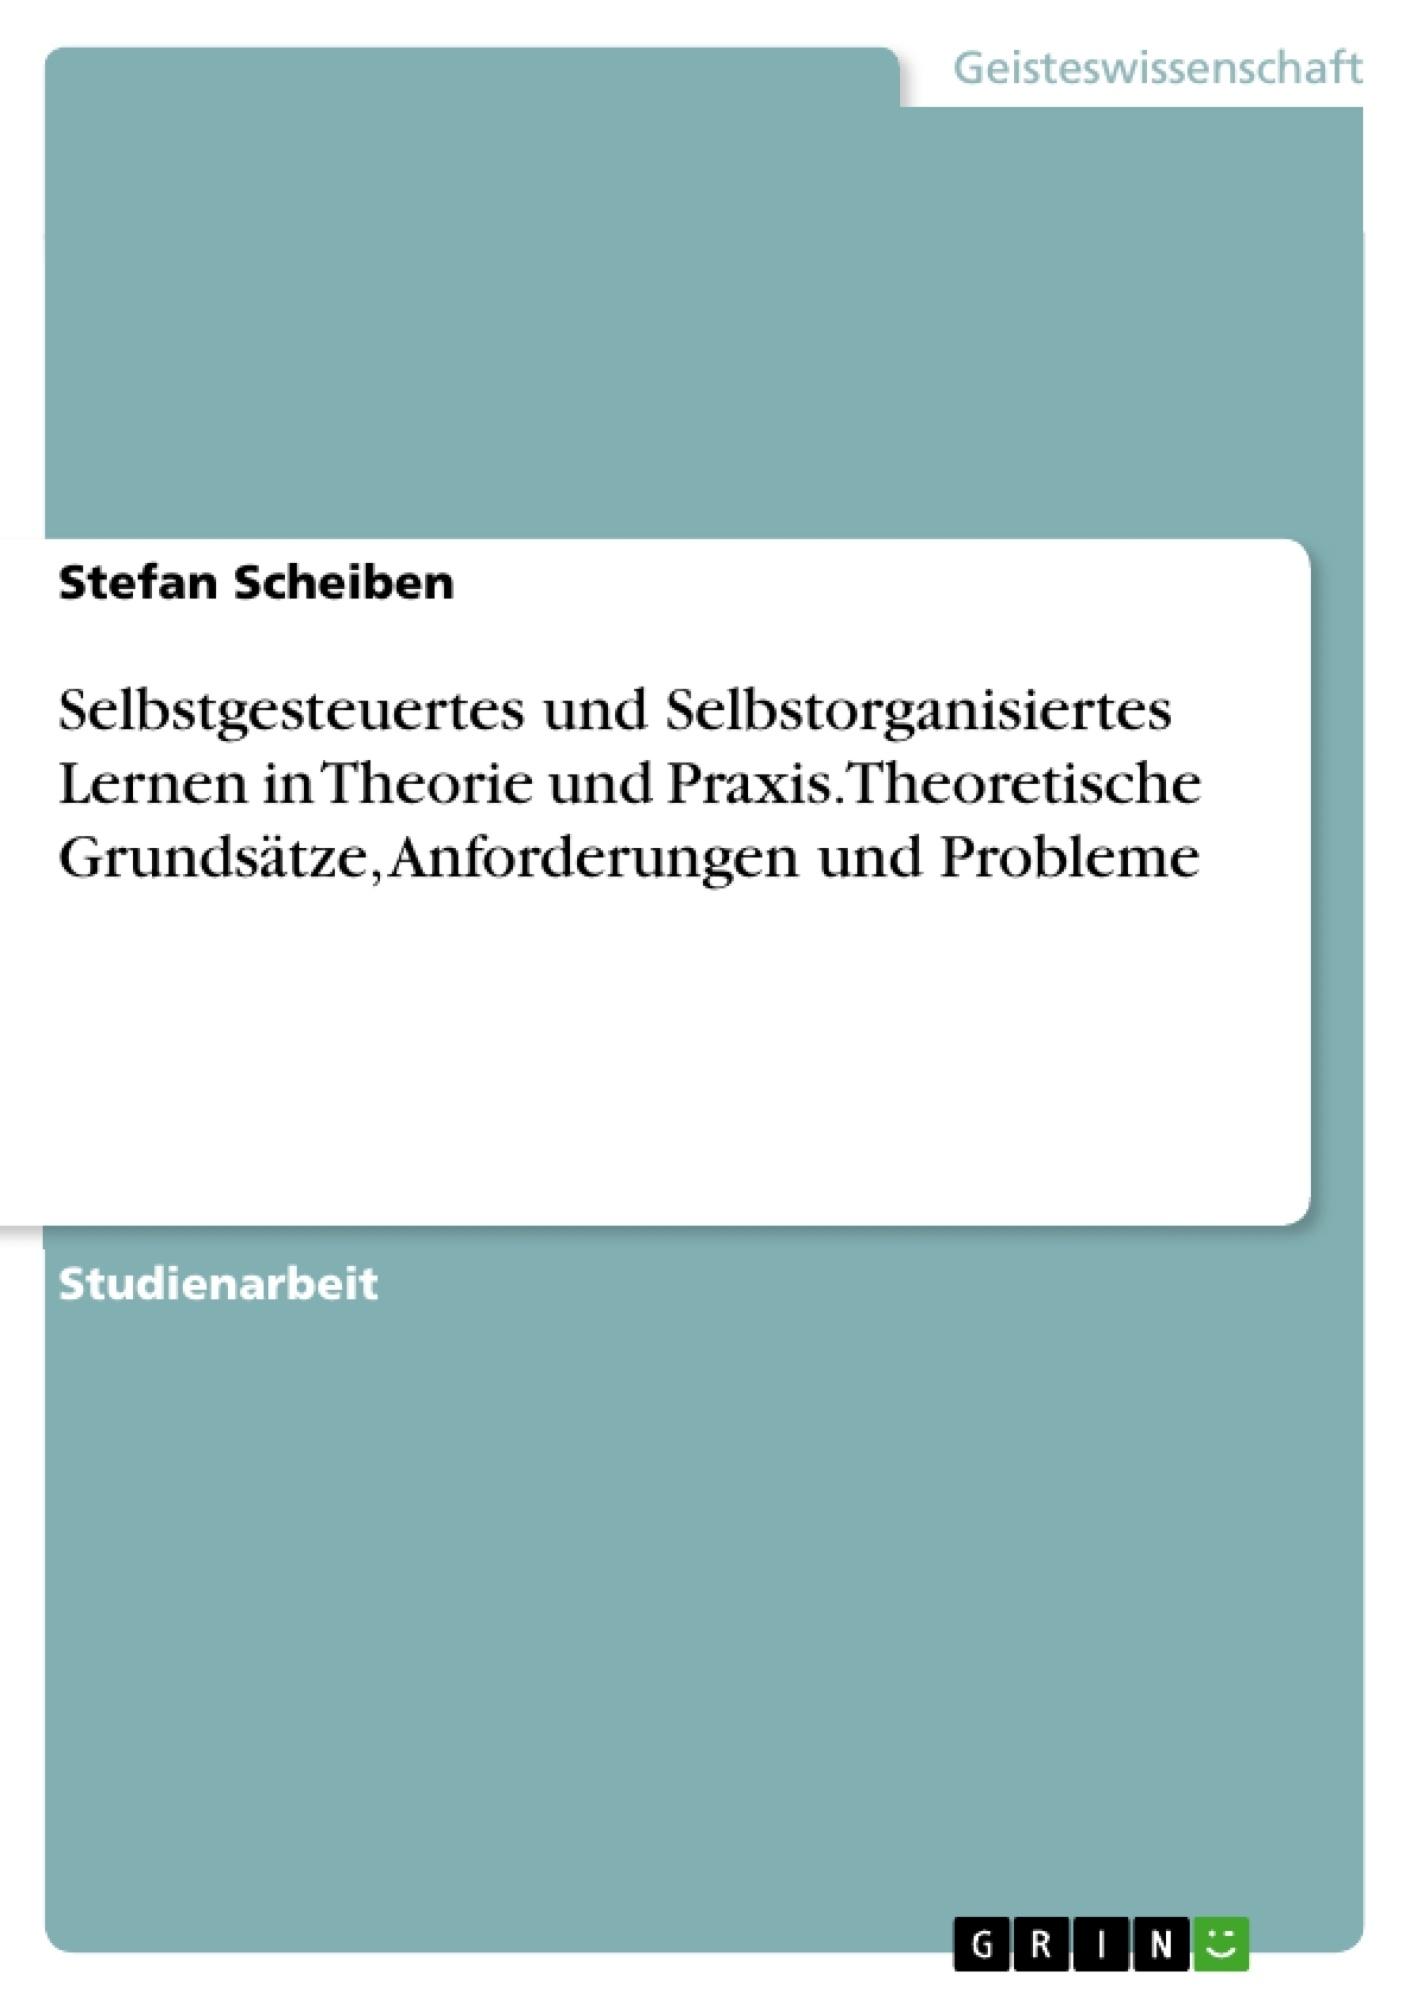 Titel: Selbstgesteuertes und Selbstorganisiertes Lernen in Theorie und Praxis. Theoretische Grundsätze, Anforderungen und Probleme